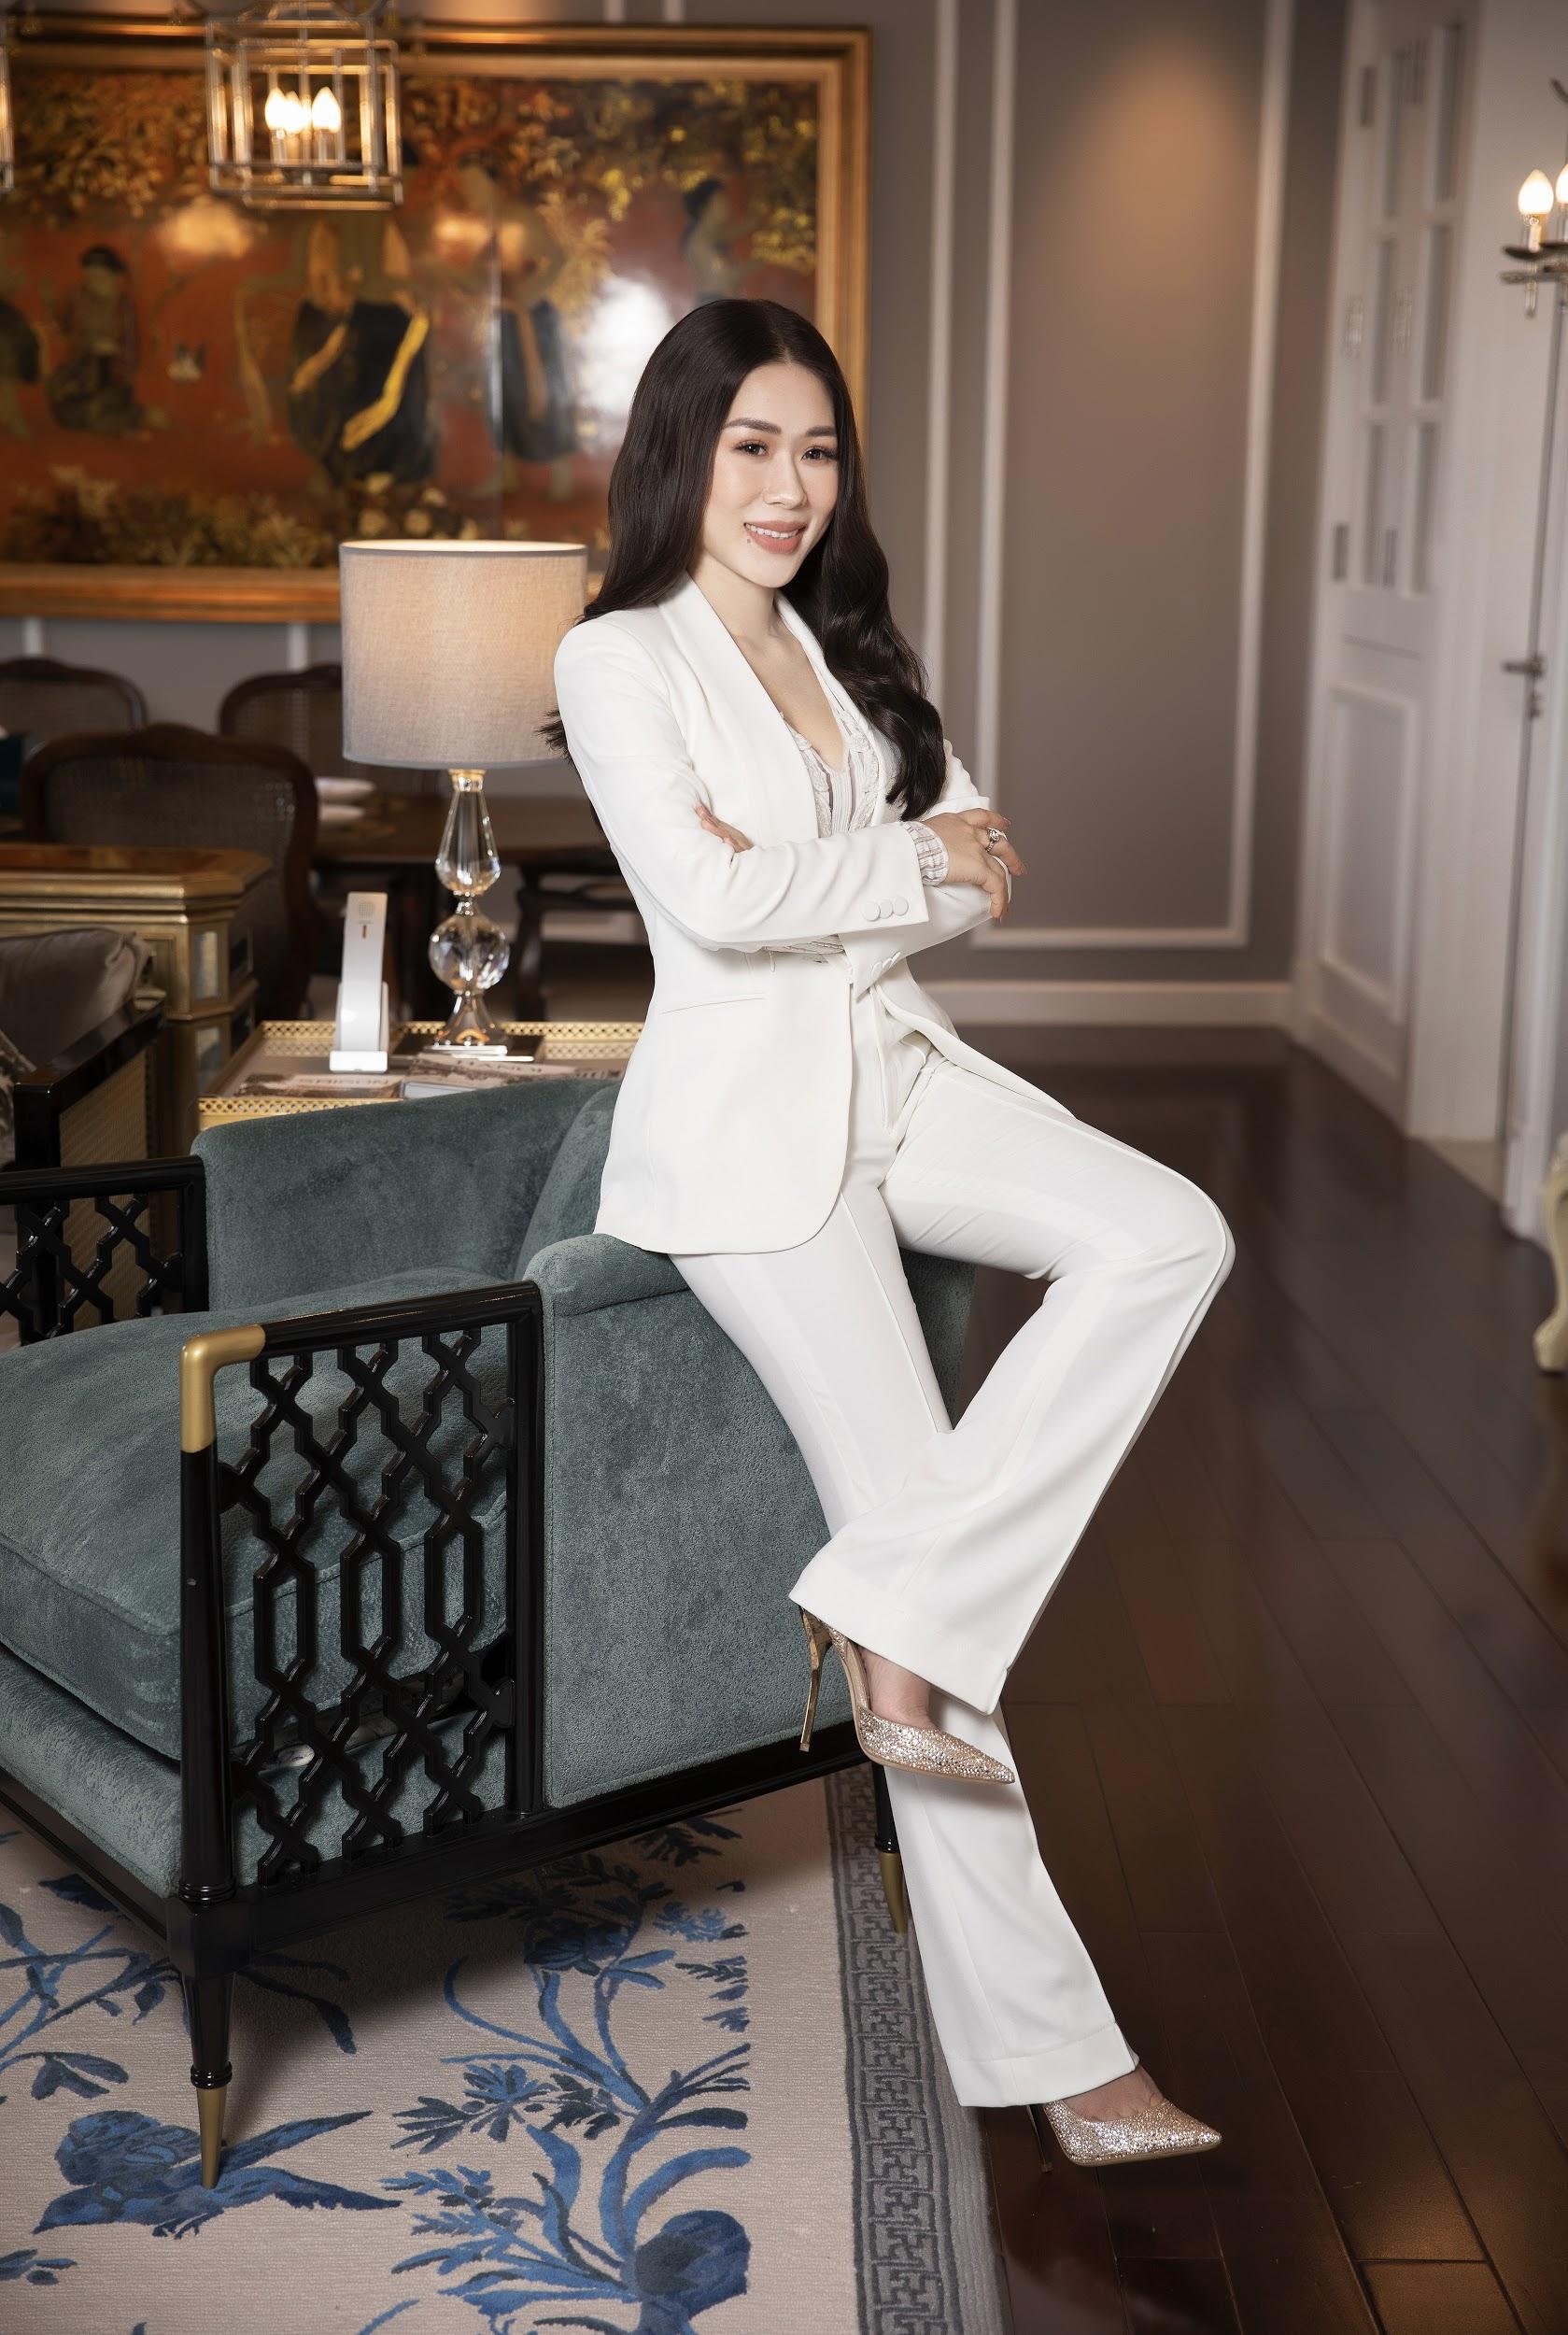 Nữ doanh nhân Lê Thị Loan: Covid-19 vừa là thách thức vừa là cơ hội - Ảnh 1.